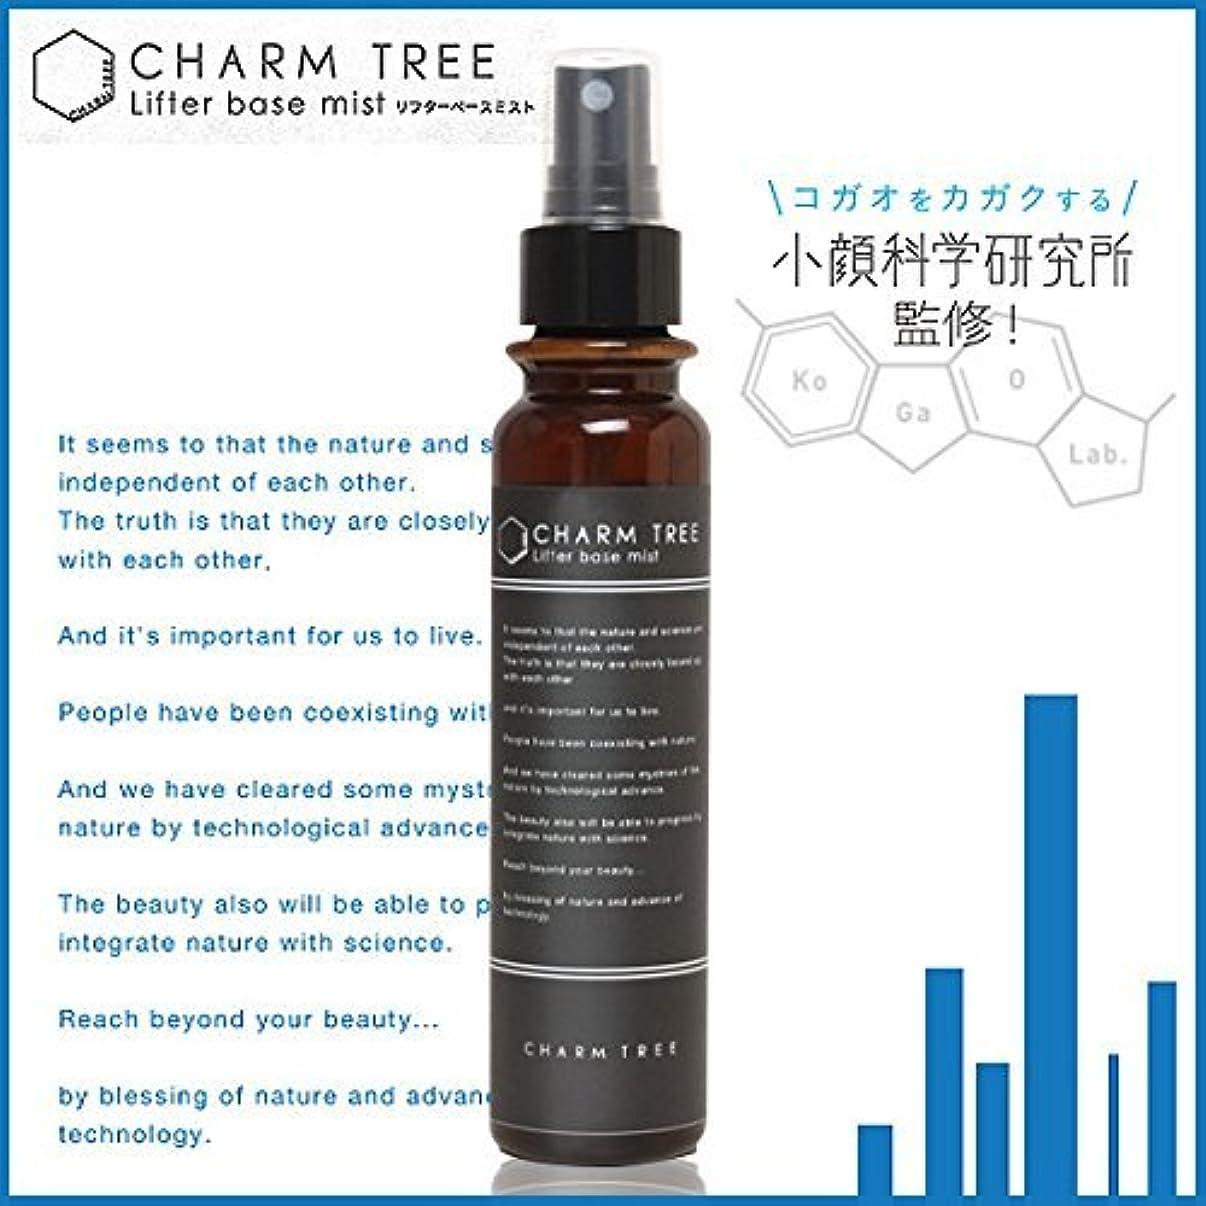 中央値病的ほのか【小顔 化粧水】CHARM TREE Lifterbasemist/チャームツリー リフターベースミスト 小顔効果 コガオを科学する小顔科学研究所監修 リフトアップ【P08Apr16】